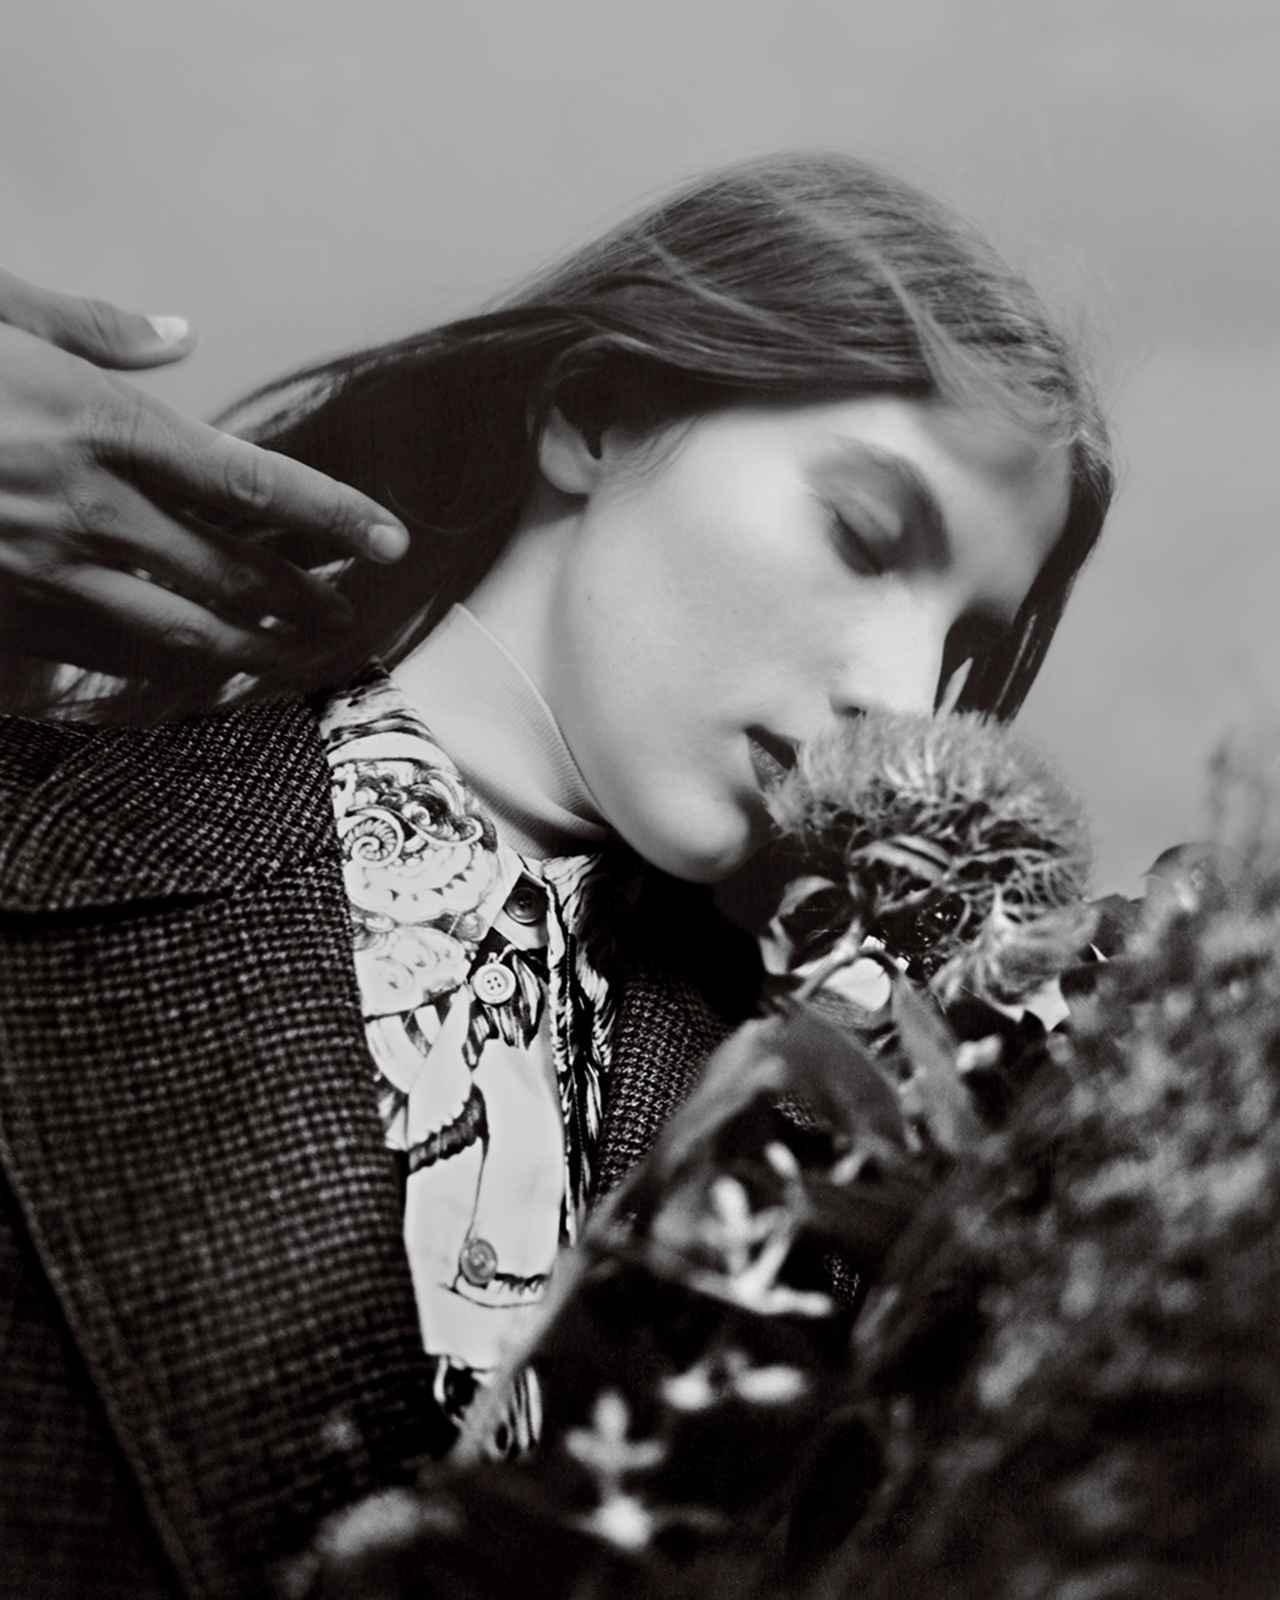 Images : 2番目の画像 - 「永遠の定番たちを 自由にミキシング」のアルバム - T JAPAN:The New York Times Style Magazine 公式サイト